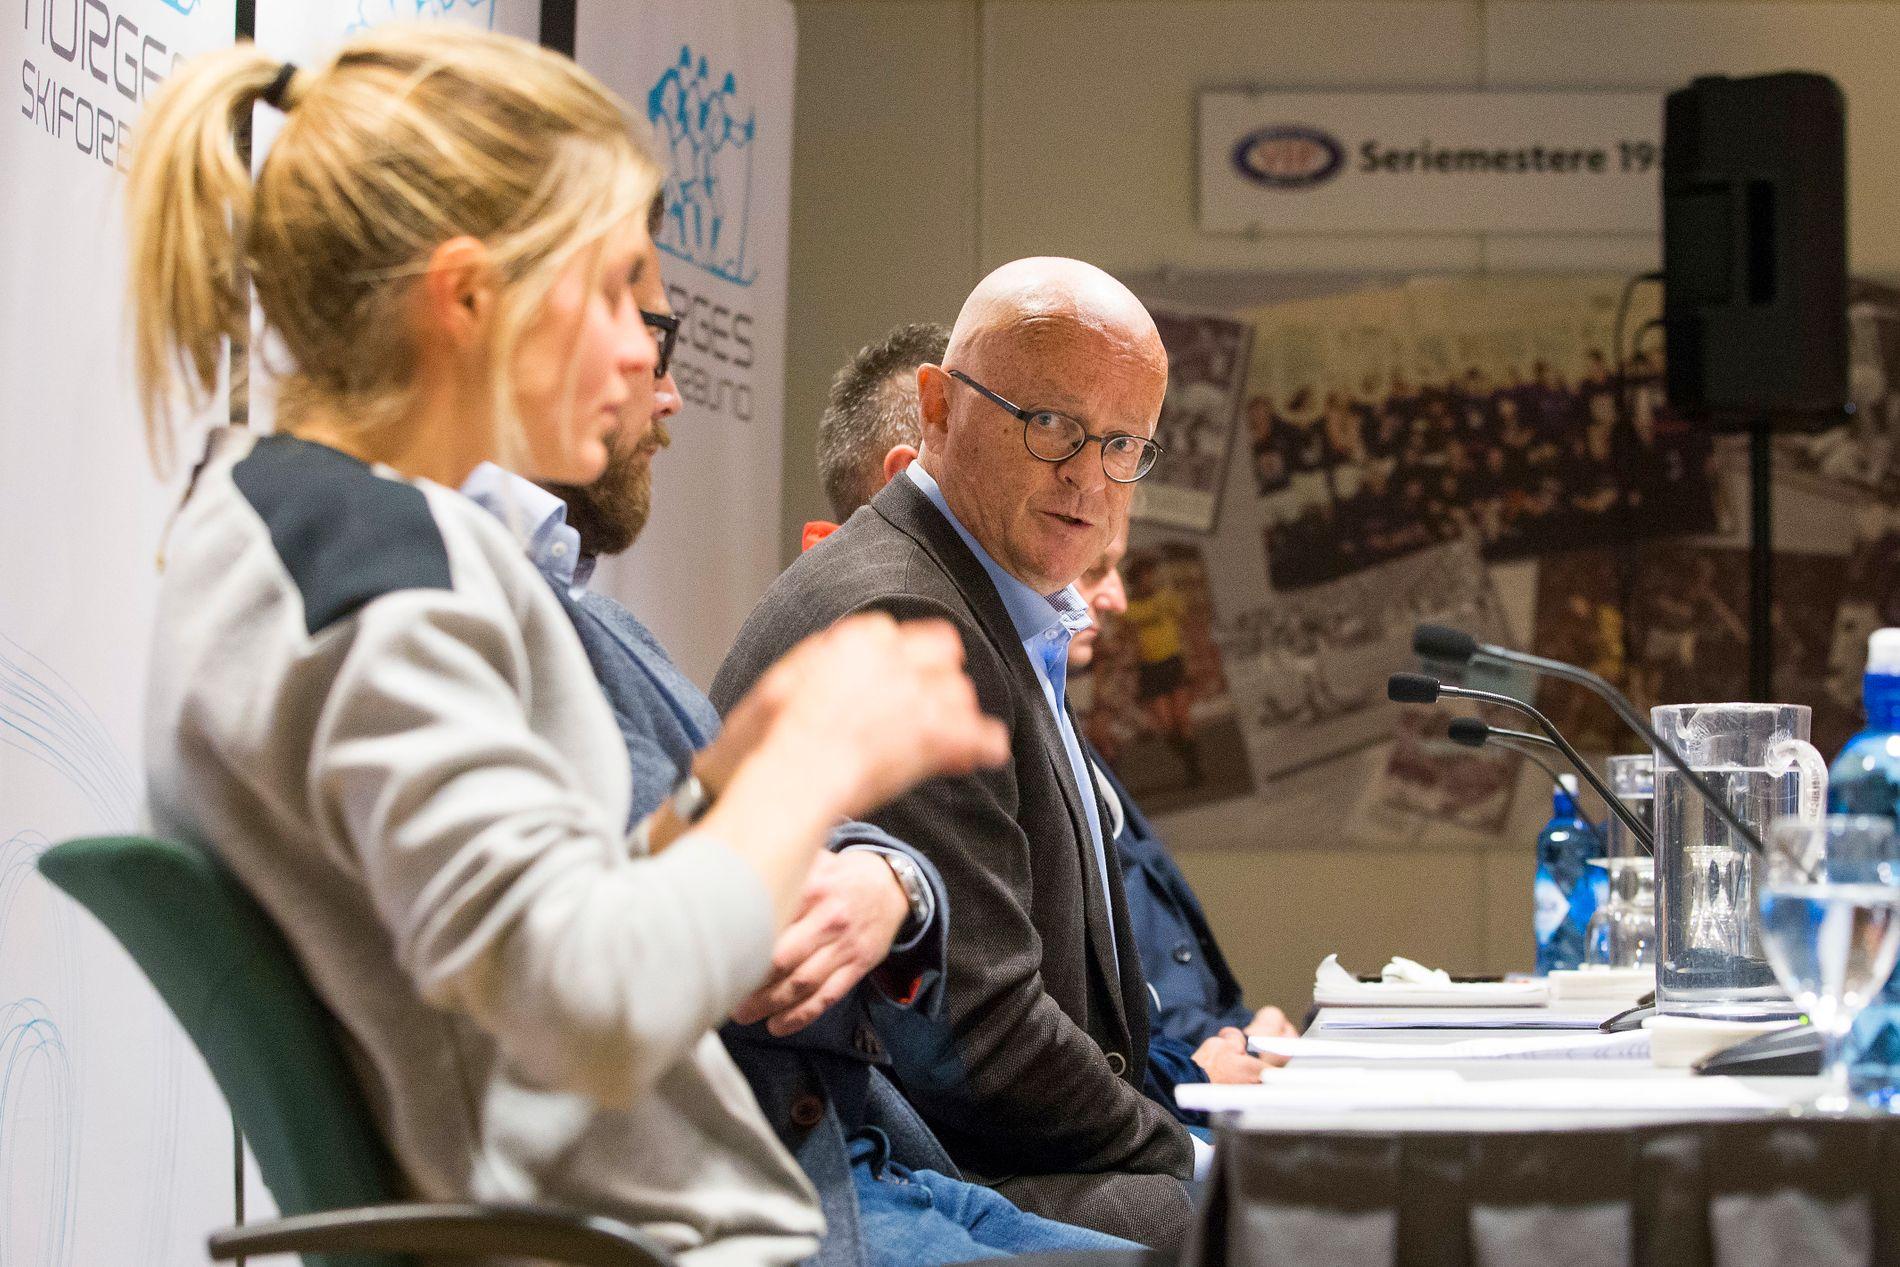 LEGEN: Therese Johaug og lege Fredrik S. Bendiksen på pressekonferansen etter at det ble kjent at Johaug er tatt for doping.